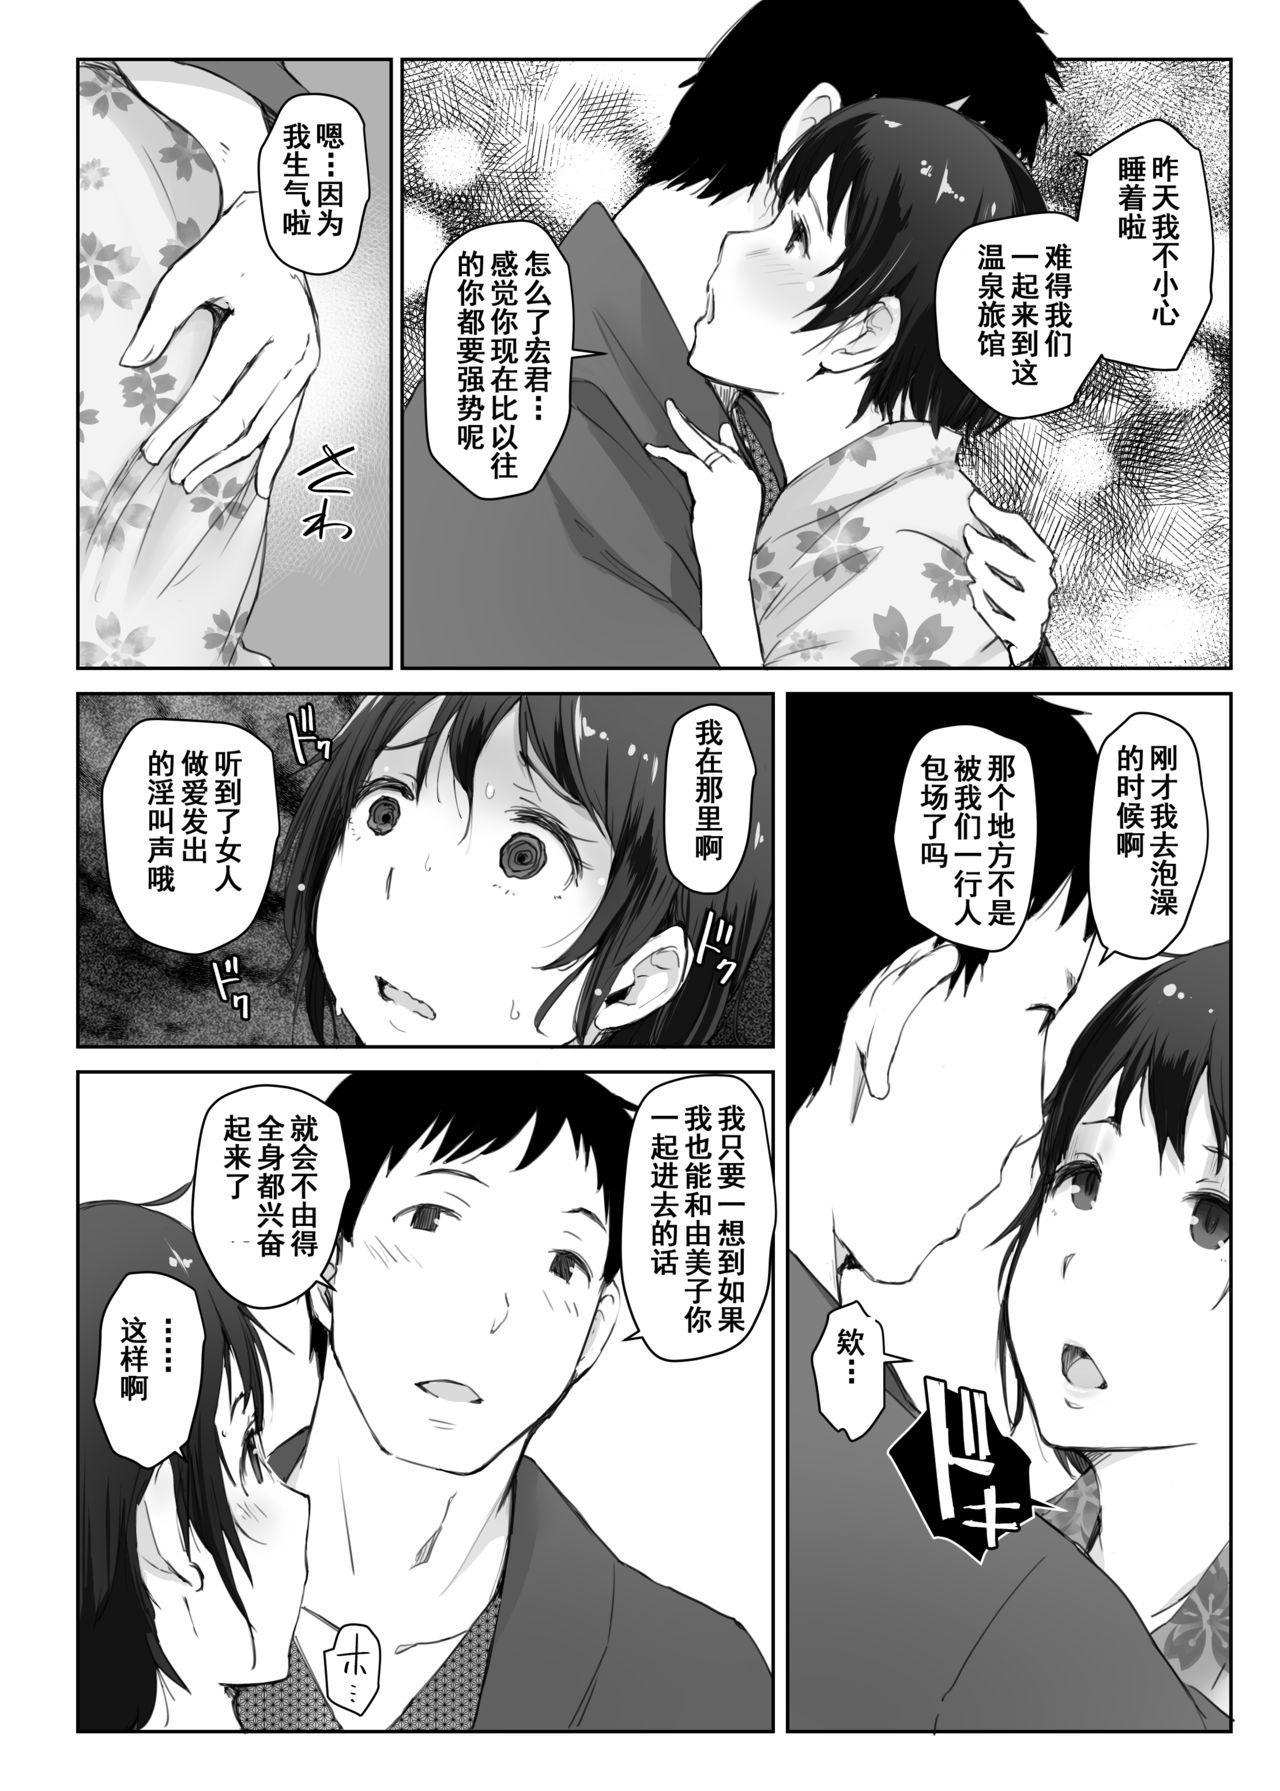 Hitozuma to NTR Chounai Ryokou 4